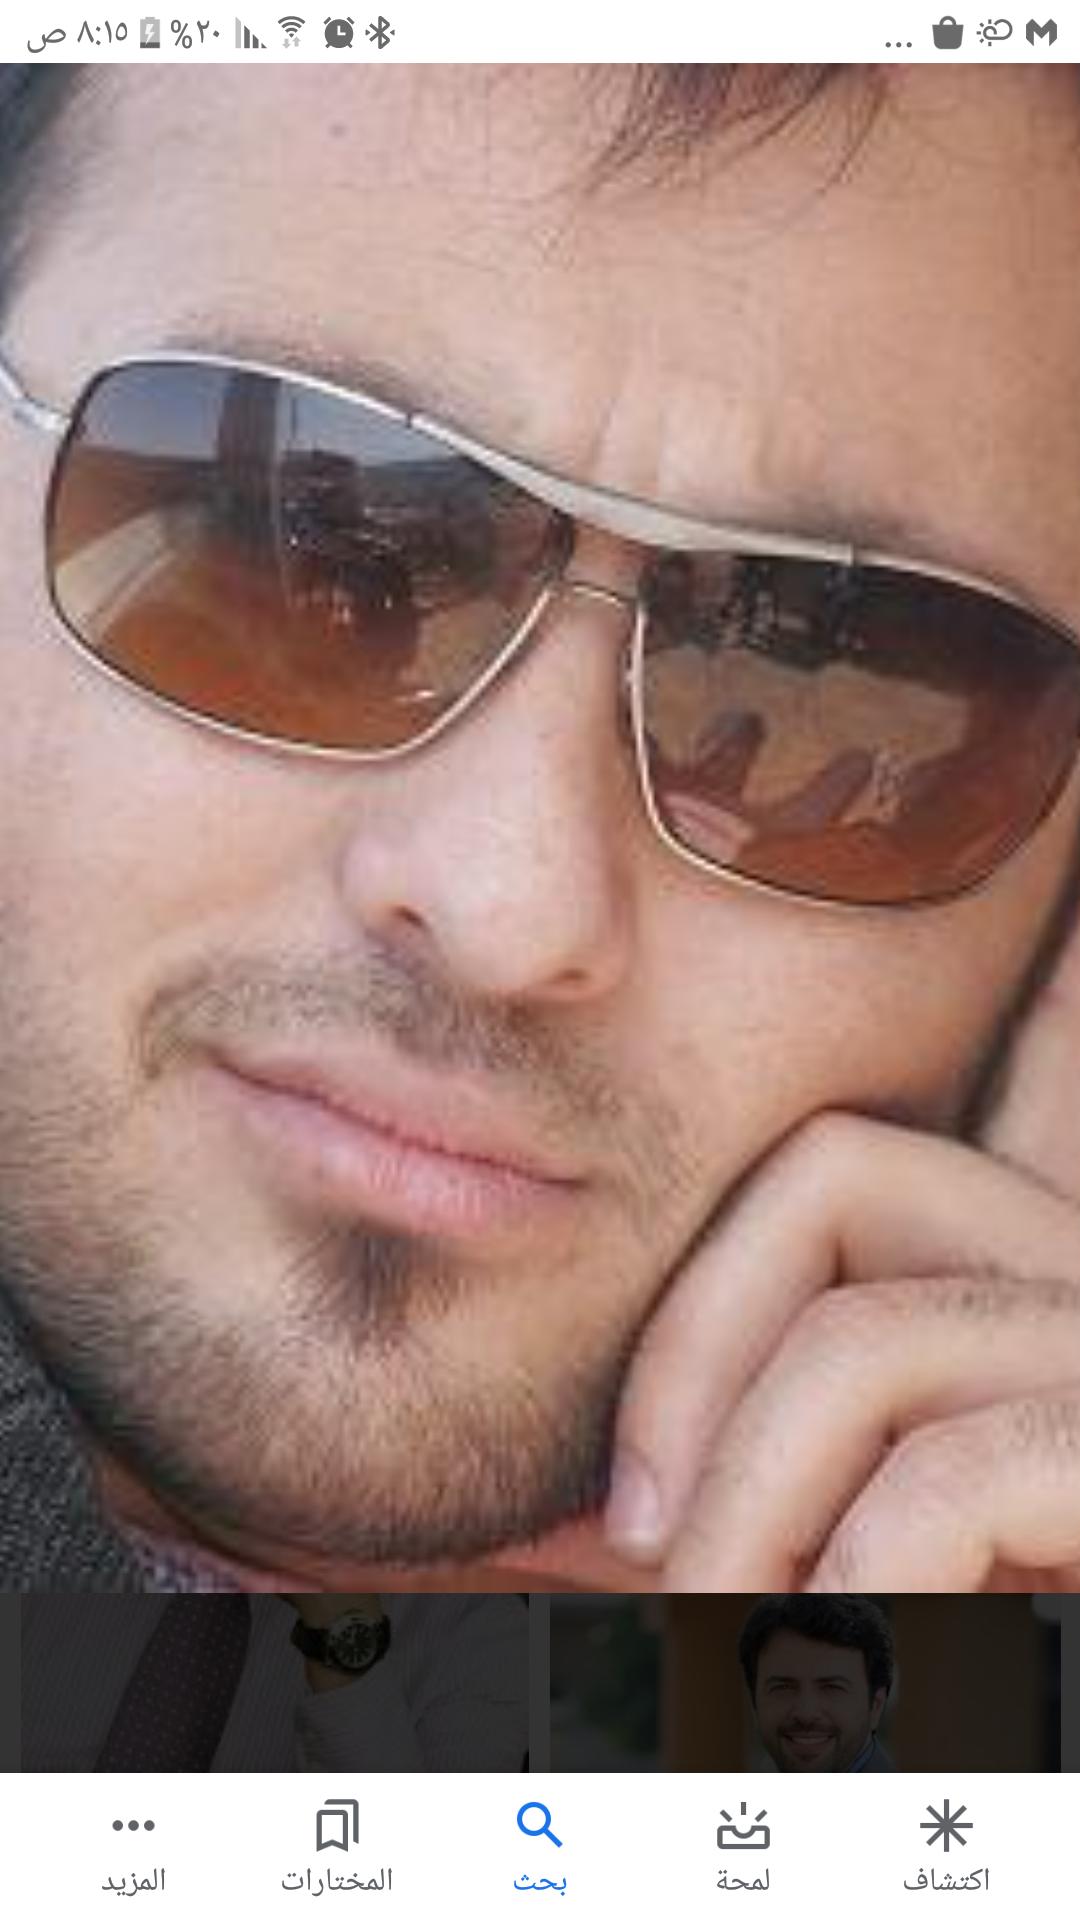 بسام علي Profile Picture